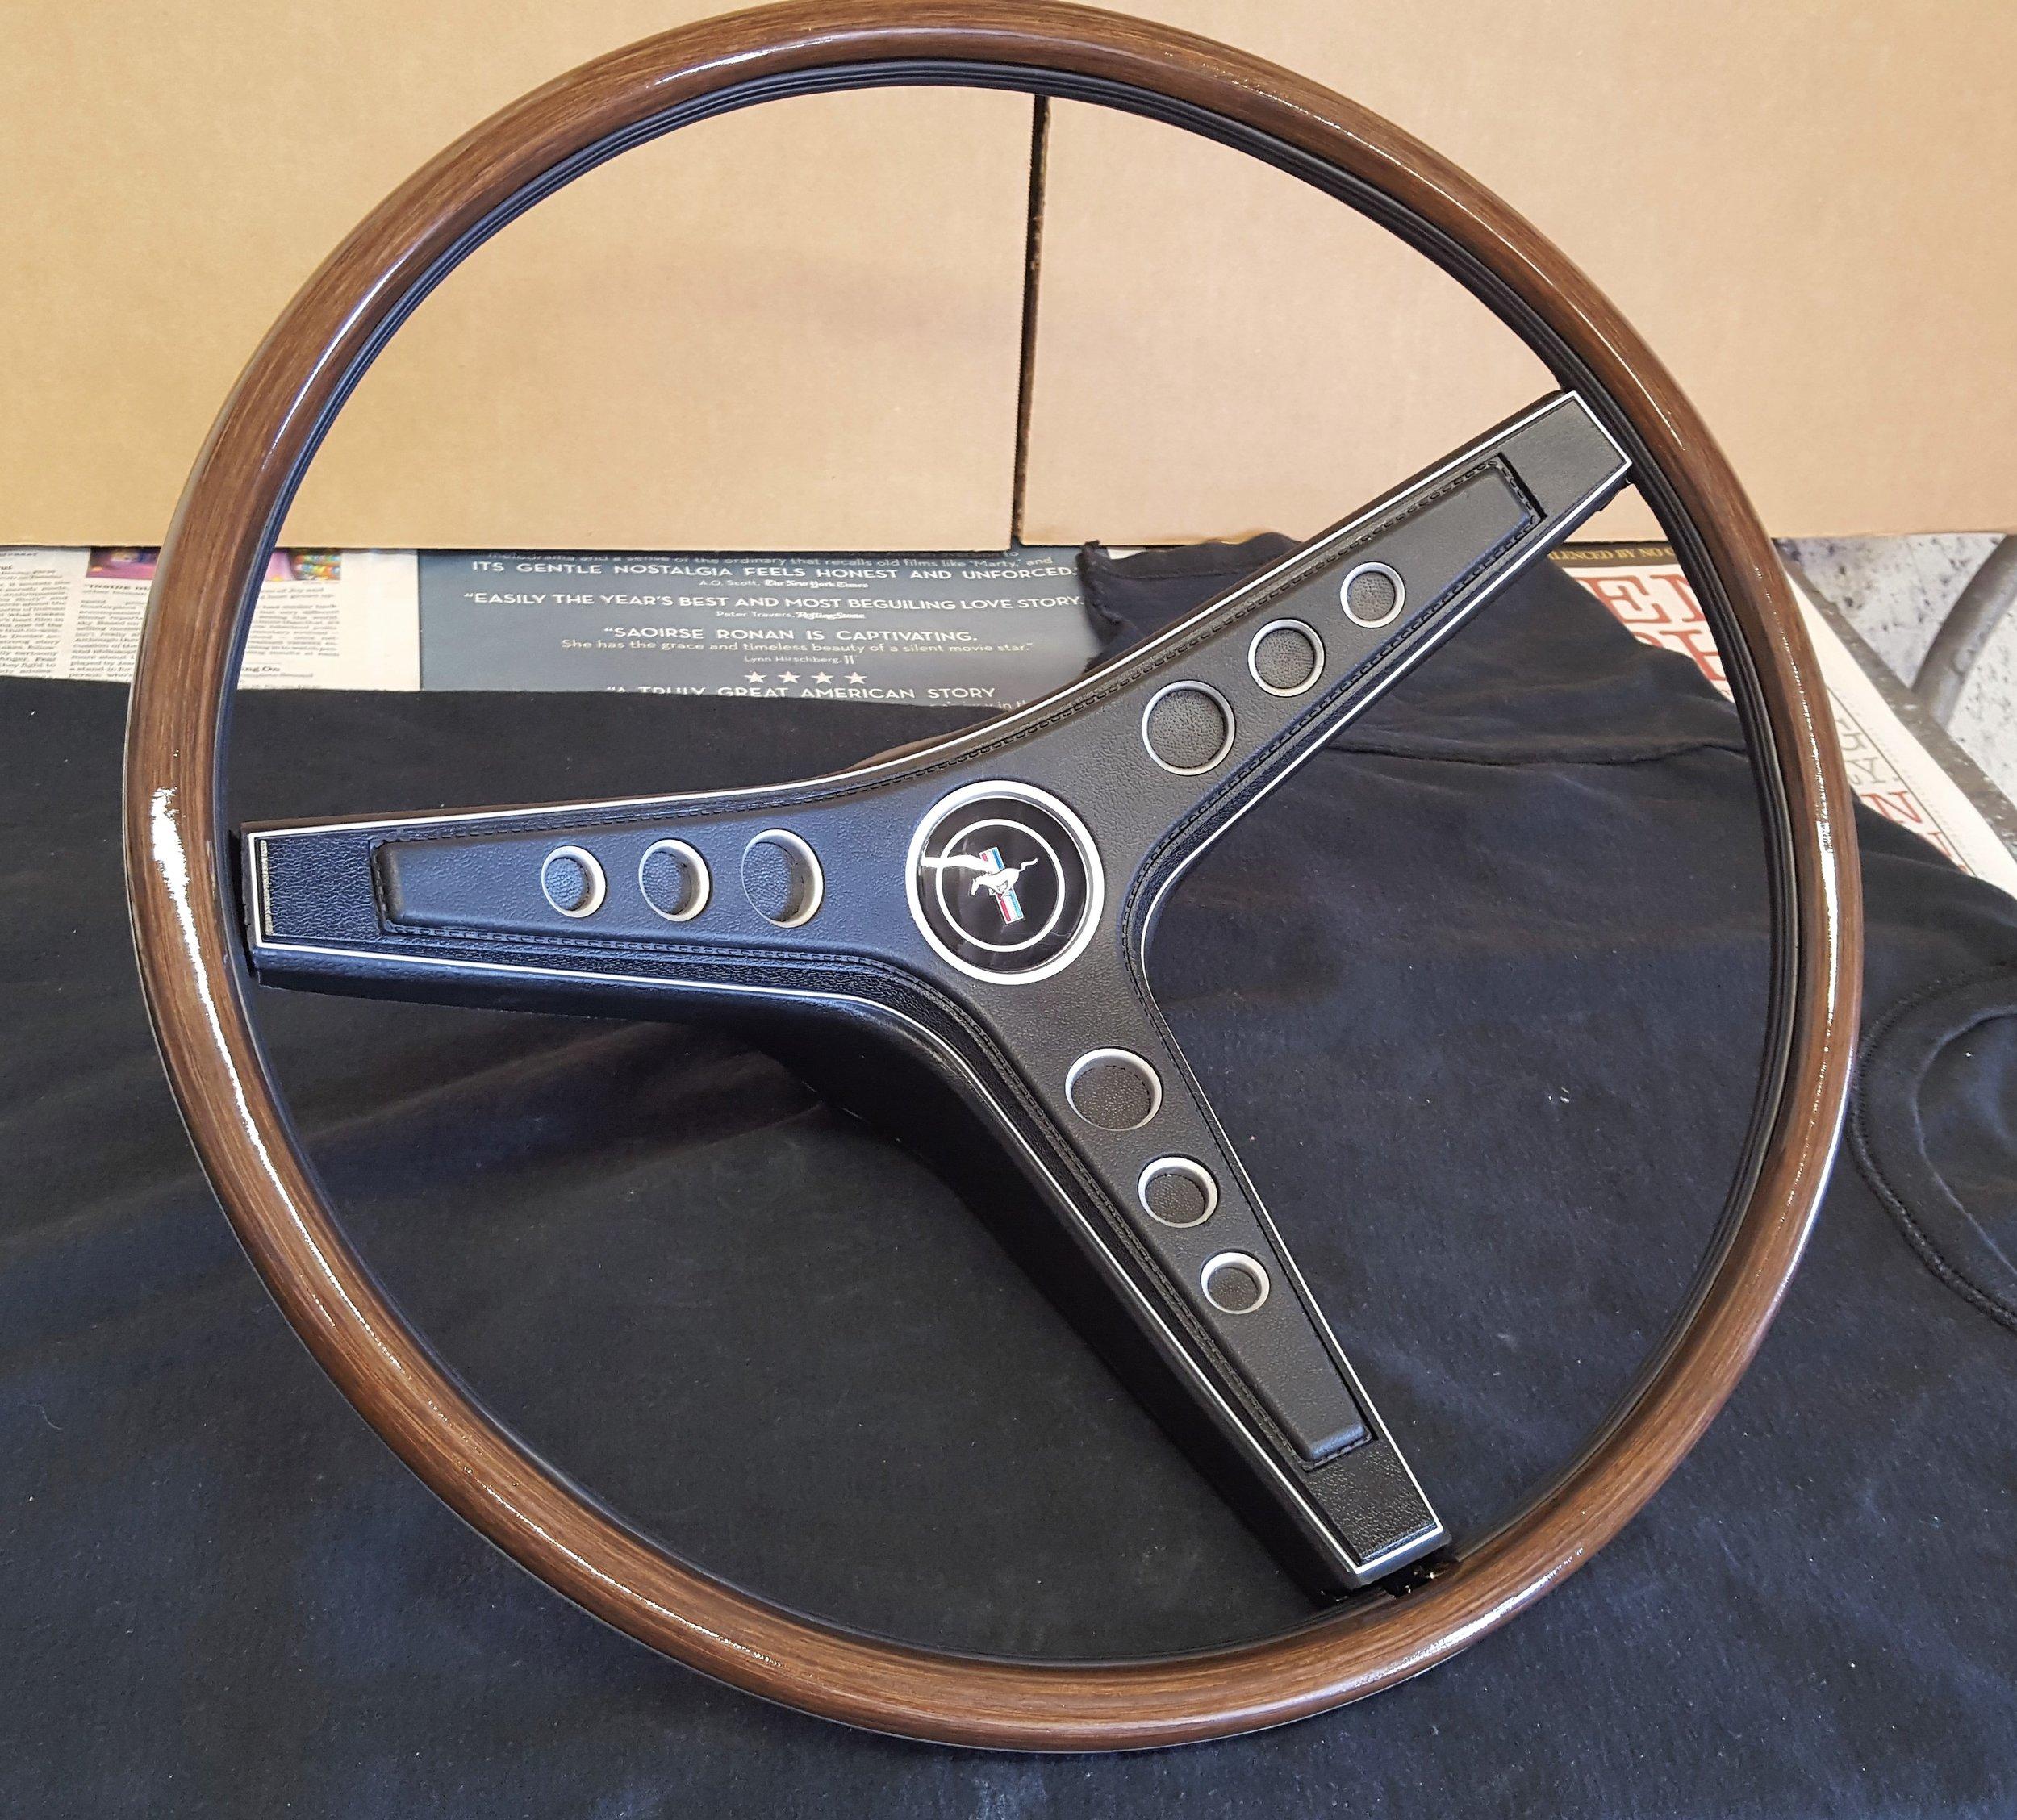 1969 Mustang rim blow steering wheel